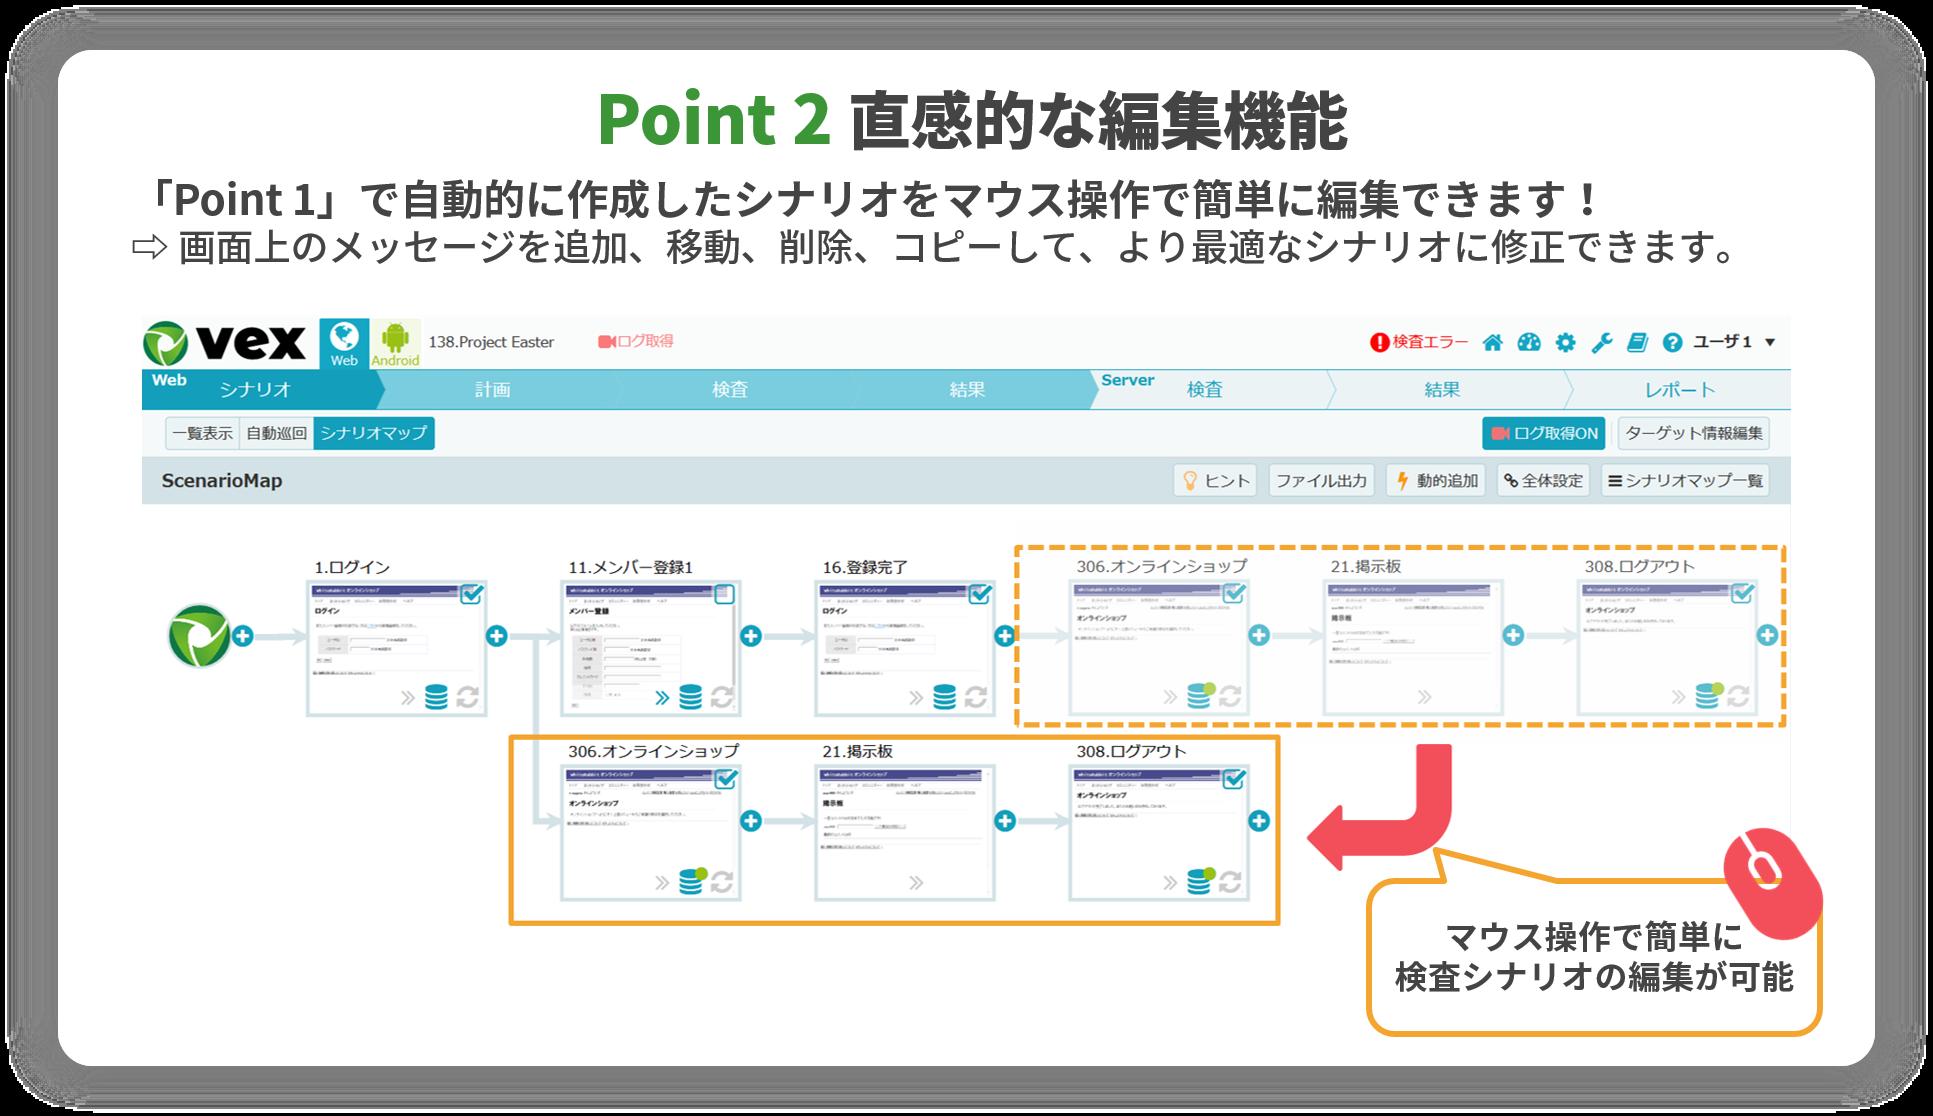 シナリオマップ機能のポイント2